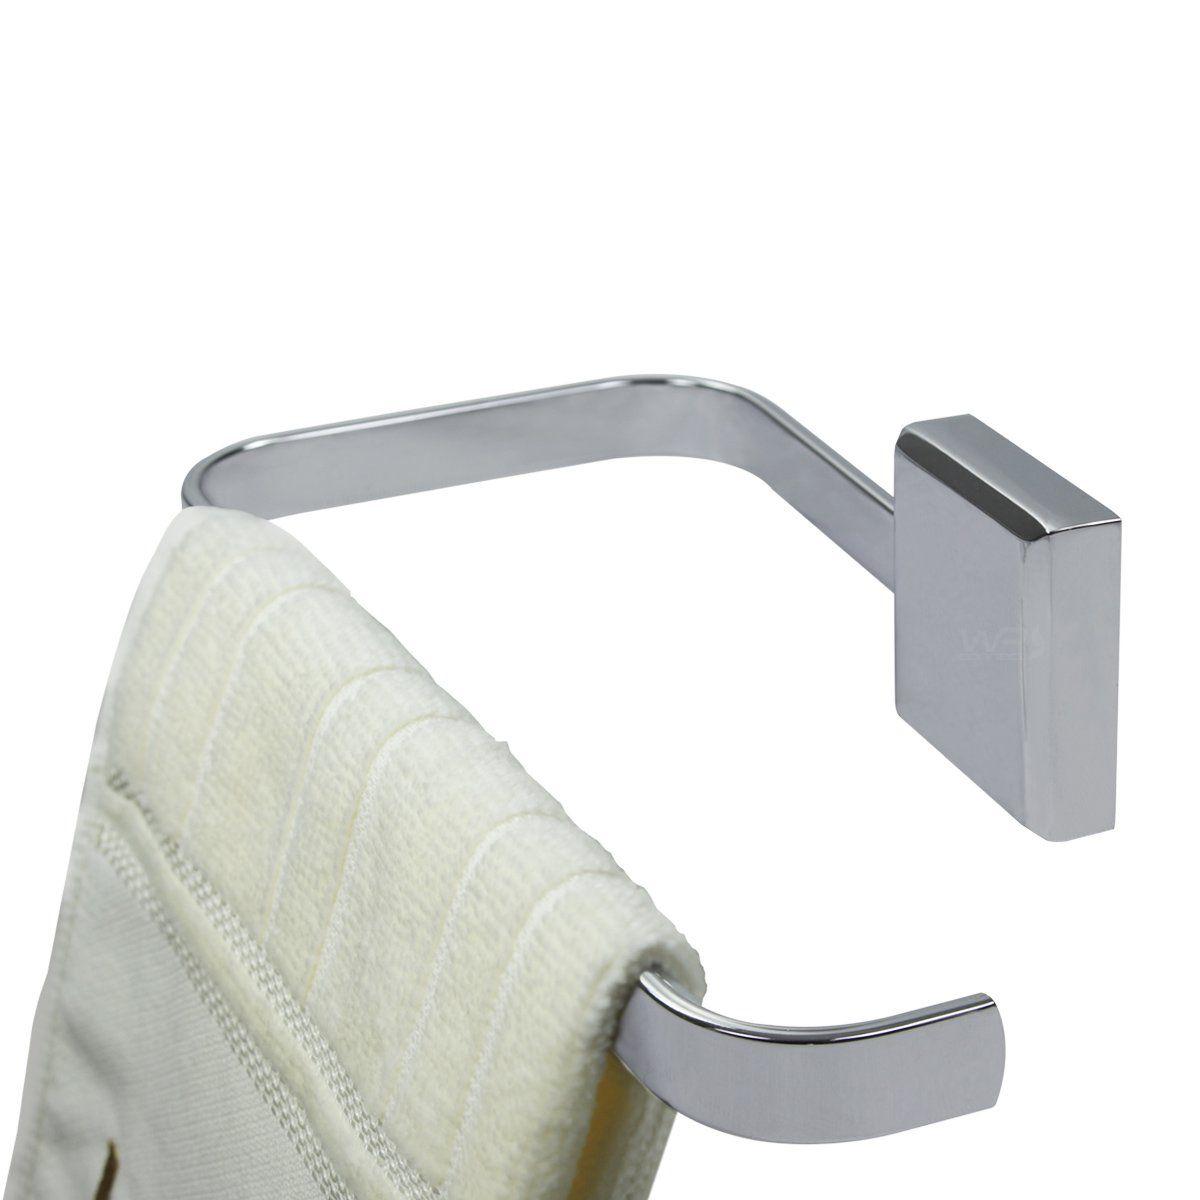 Porta Toalha de Rosto Mãos Toalheiro de Parede Banheiro Cromado